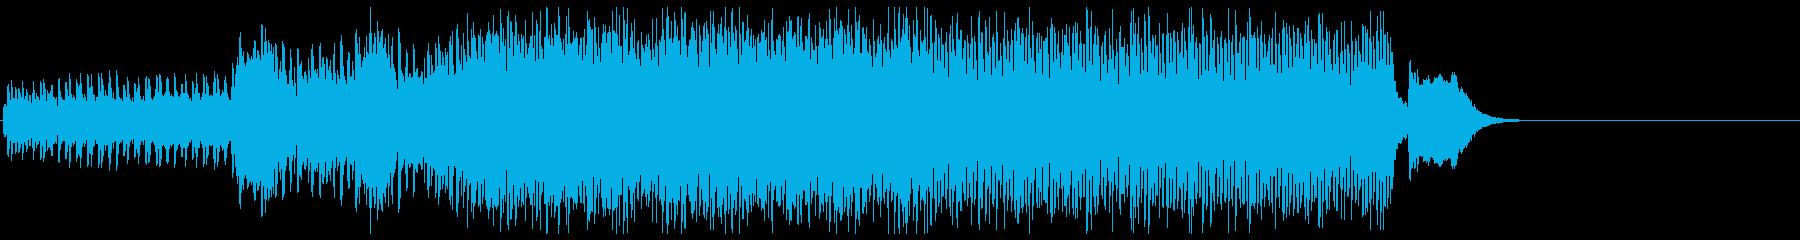 脱出せよ!急がないと爆発するピアノBGMの再生済みの波形